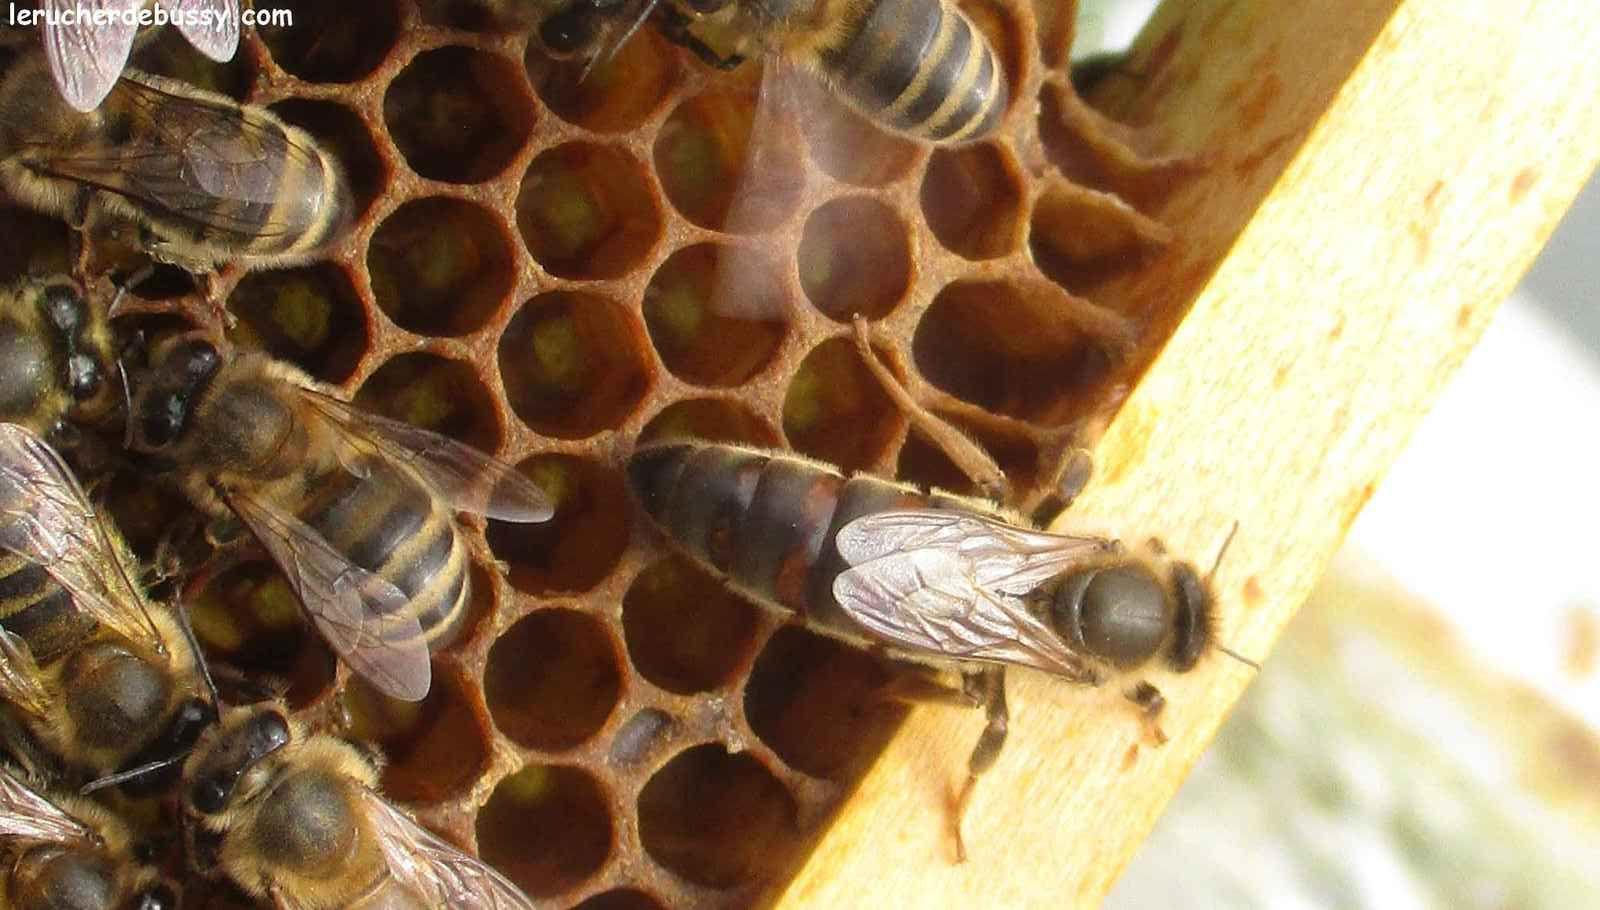 La vie continue dans les ruches...